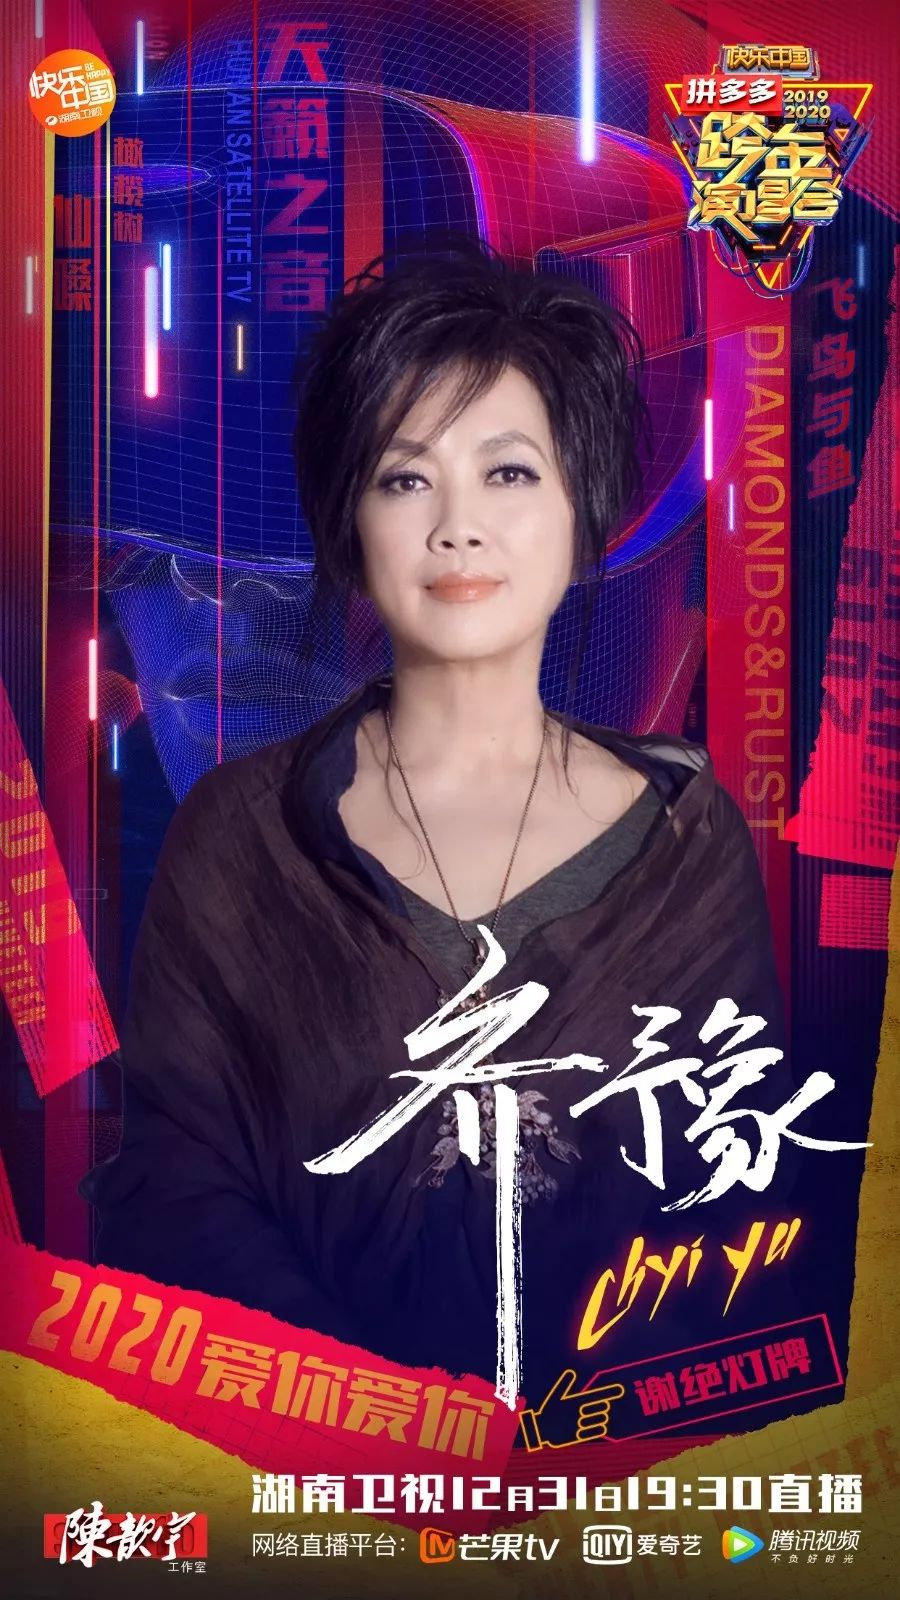 齐豫、林俊杰也要来!湖南卫视海口跨年演唱会公布最新嘉宾